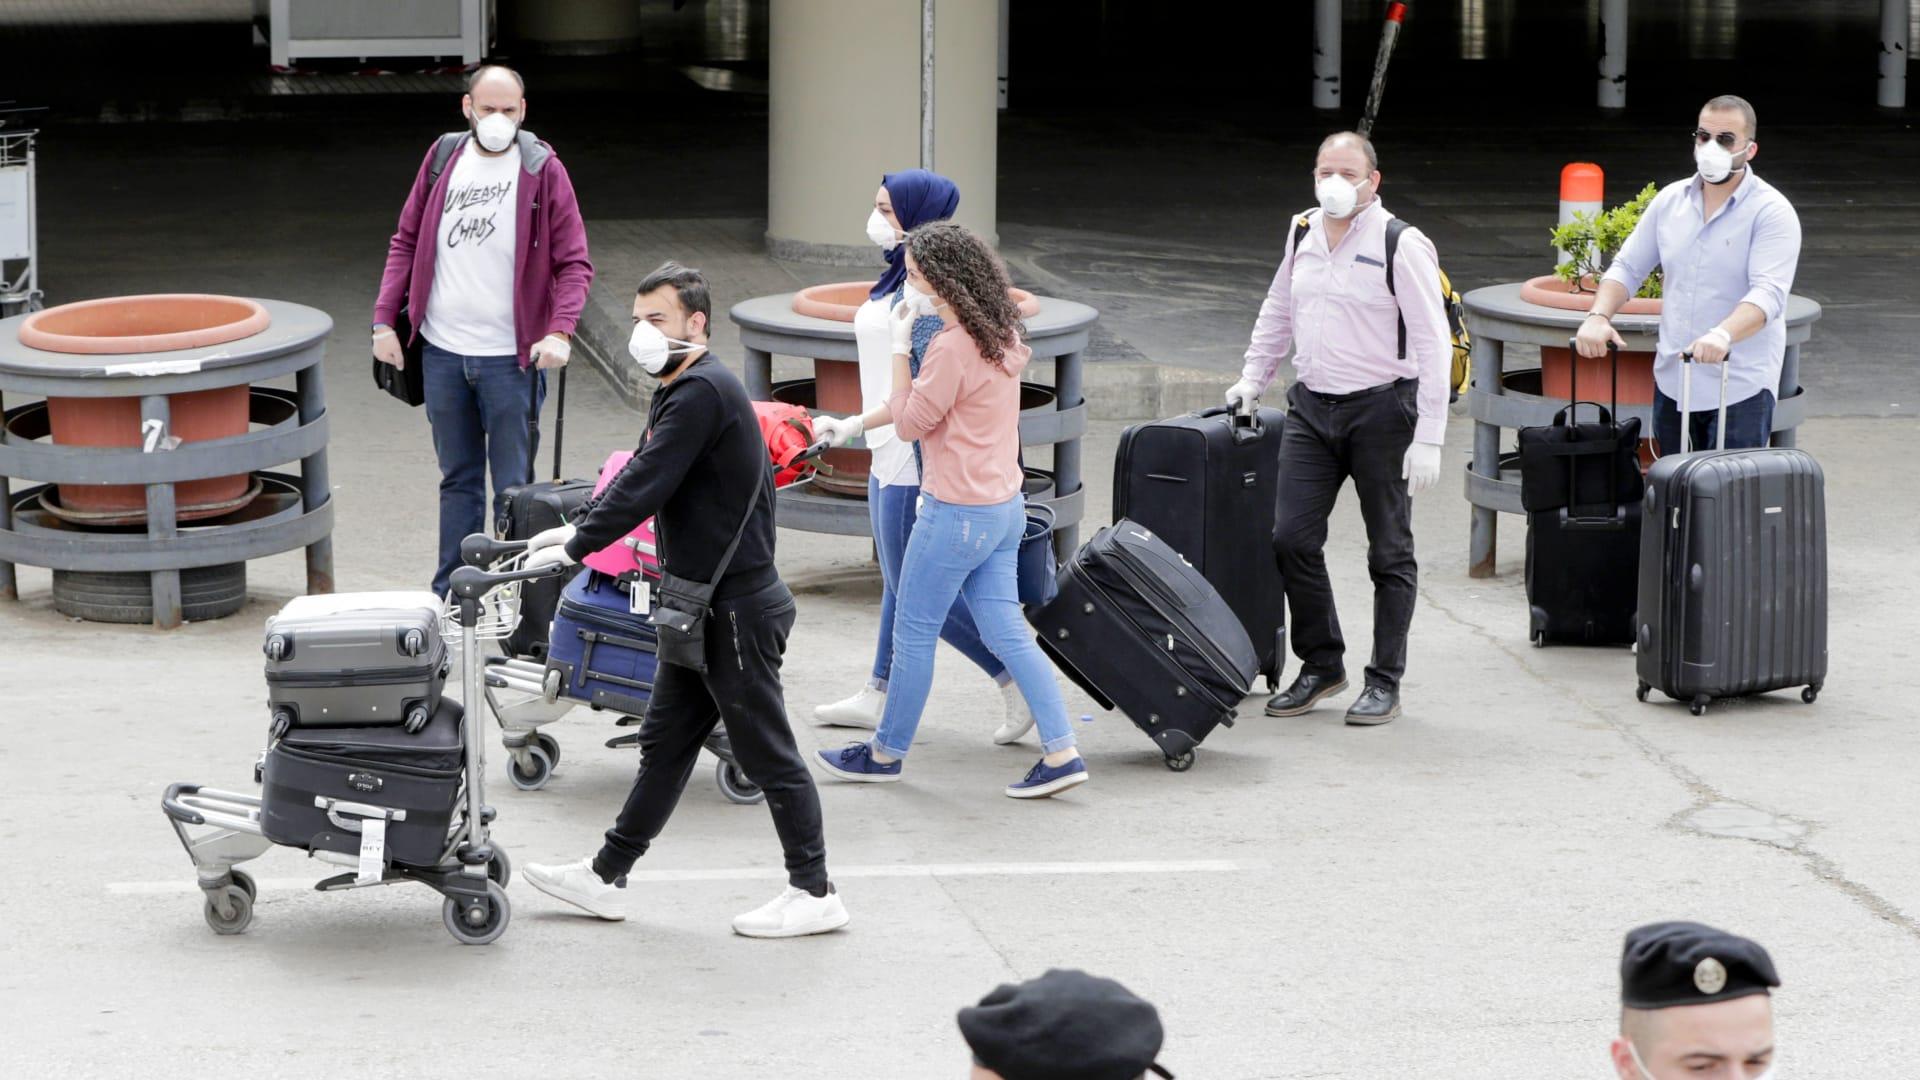 هذه نسبة إقبال الشباب العربي على الهجرة.. ما الذي يدفعه لذلك؟